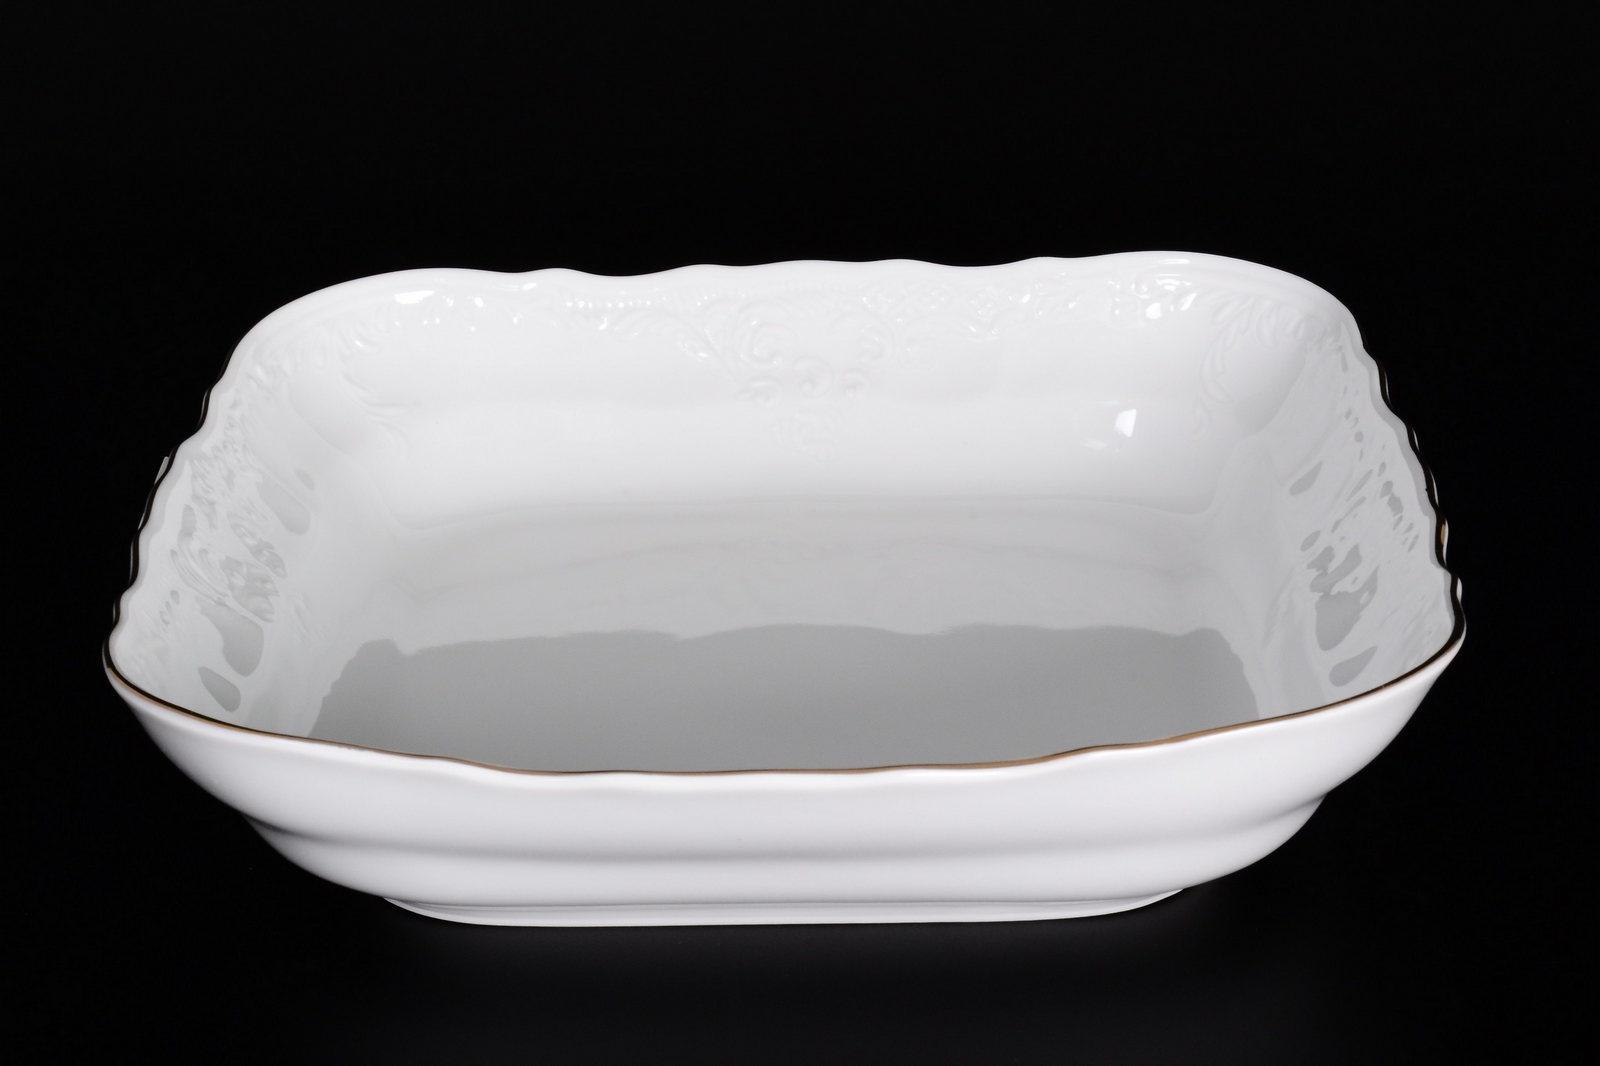 Салатник Bernadotte квадратный, 03631, 25 см